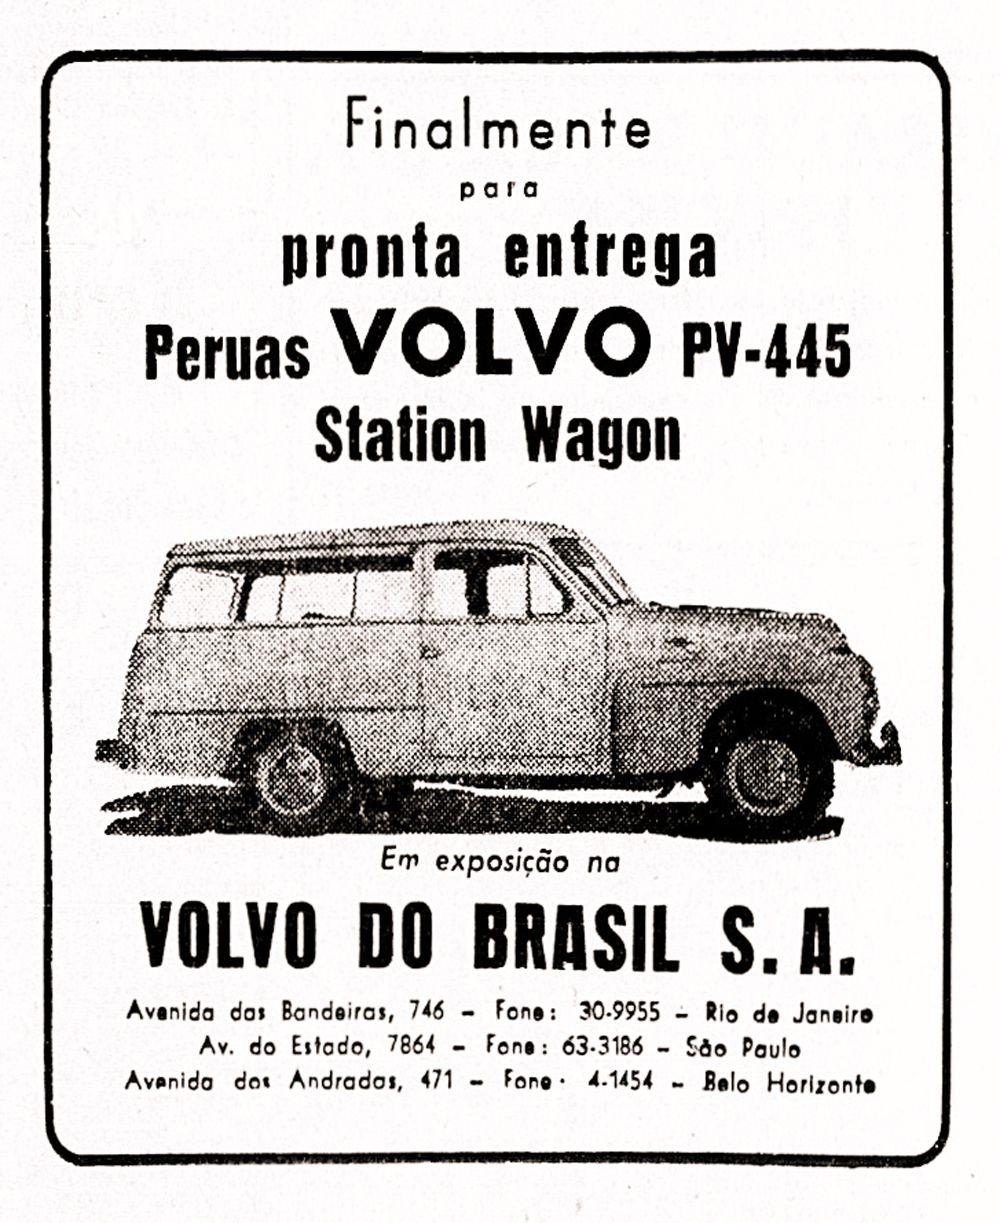 CA - 21/08/2017 - Coluna Retrovisor - Anœncio da camionete Volvo PV-445 sueca com carroceria desenhada e produzida pela Carbrasa em Parada de Lucas, no Rio - Reprodu‹o / 12 de setembro de 1956